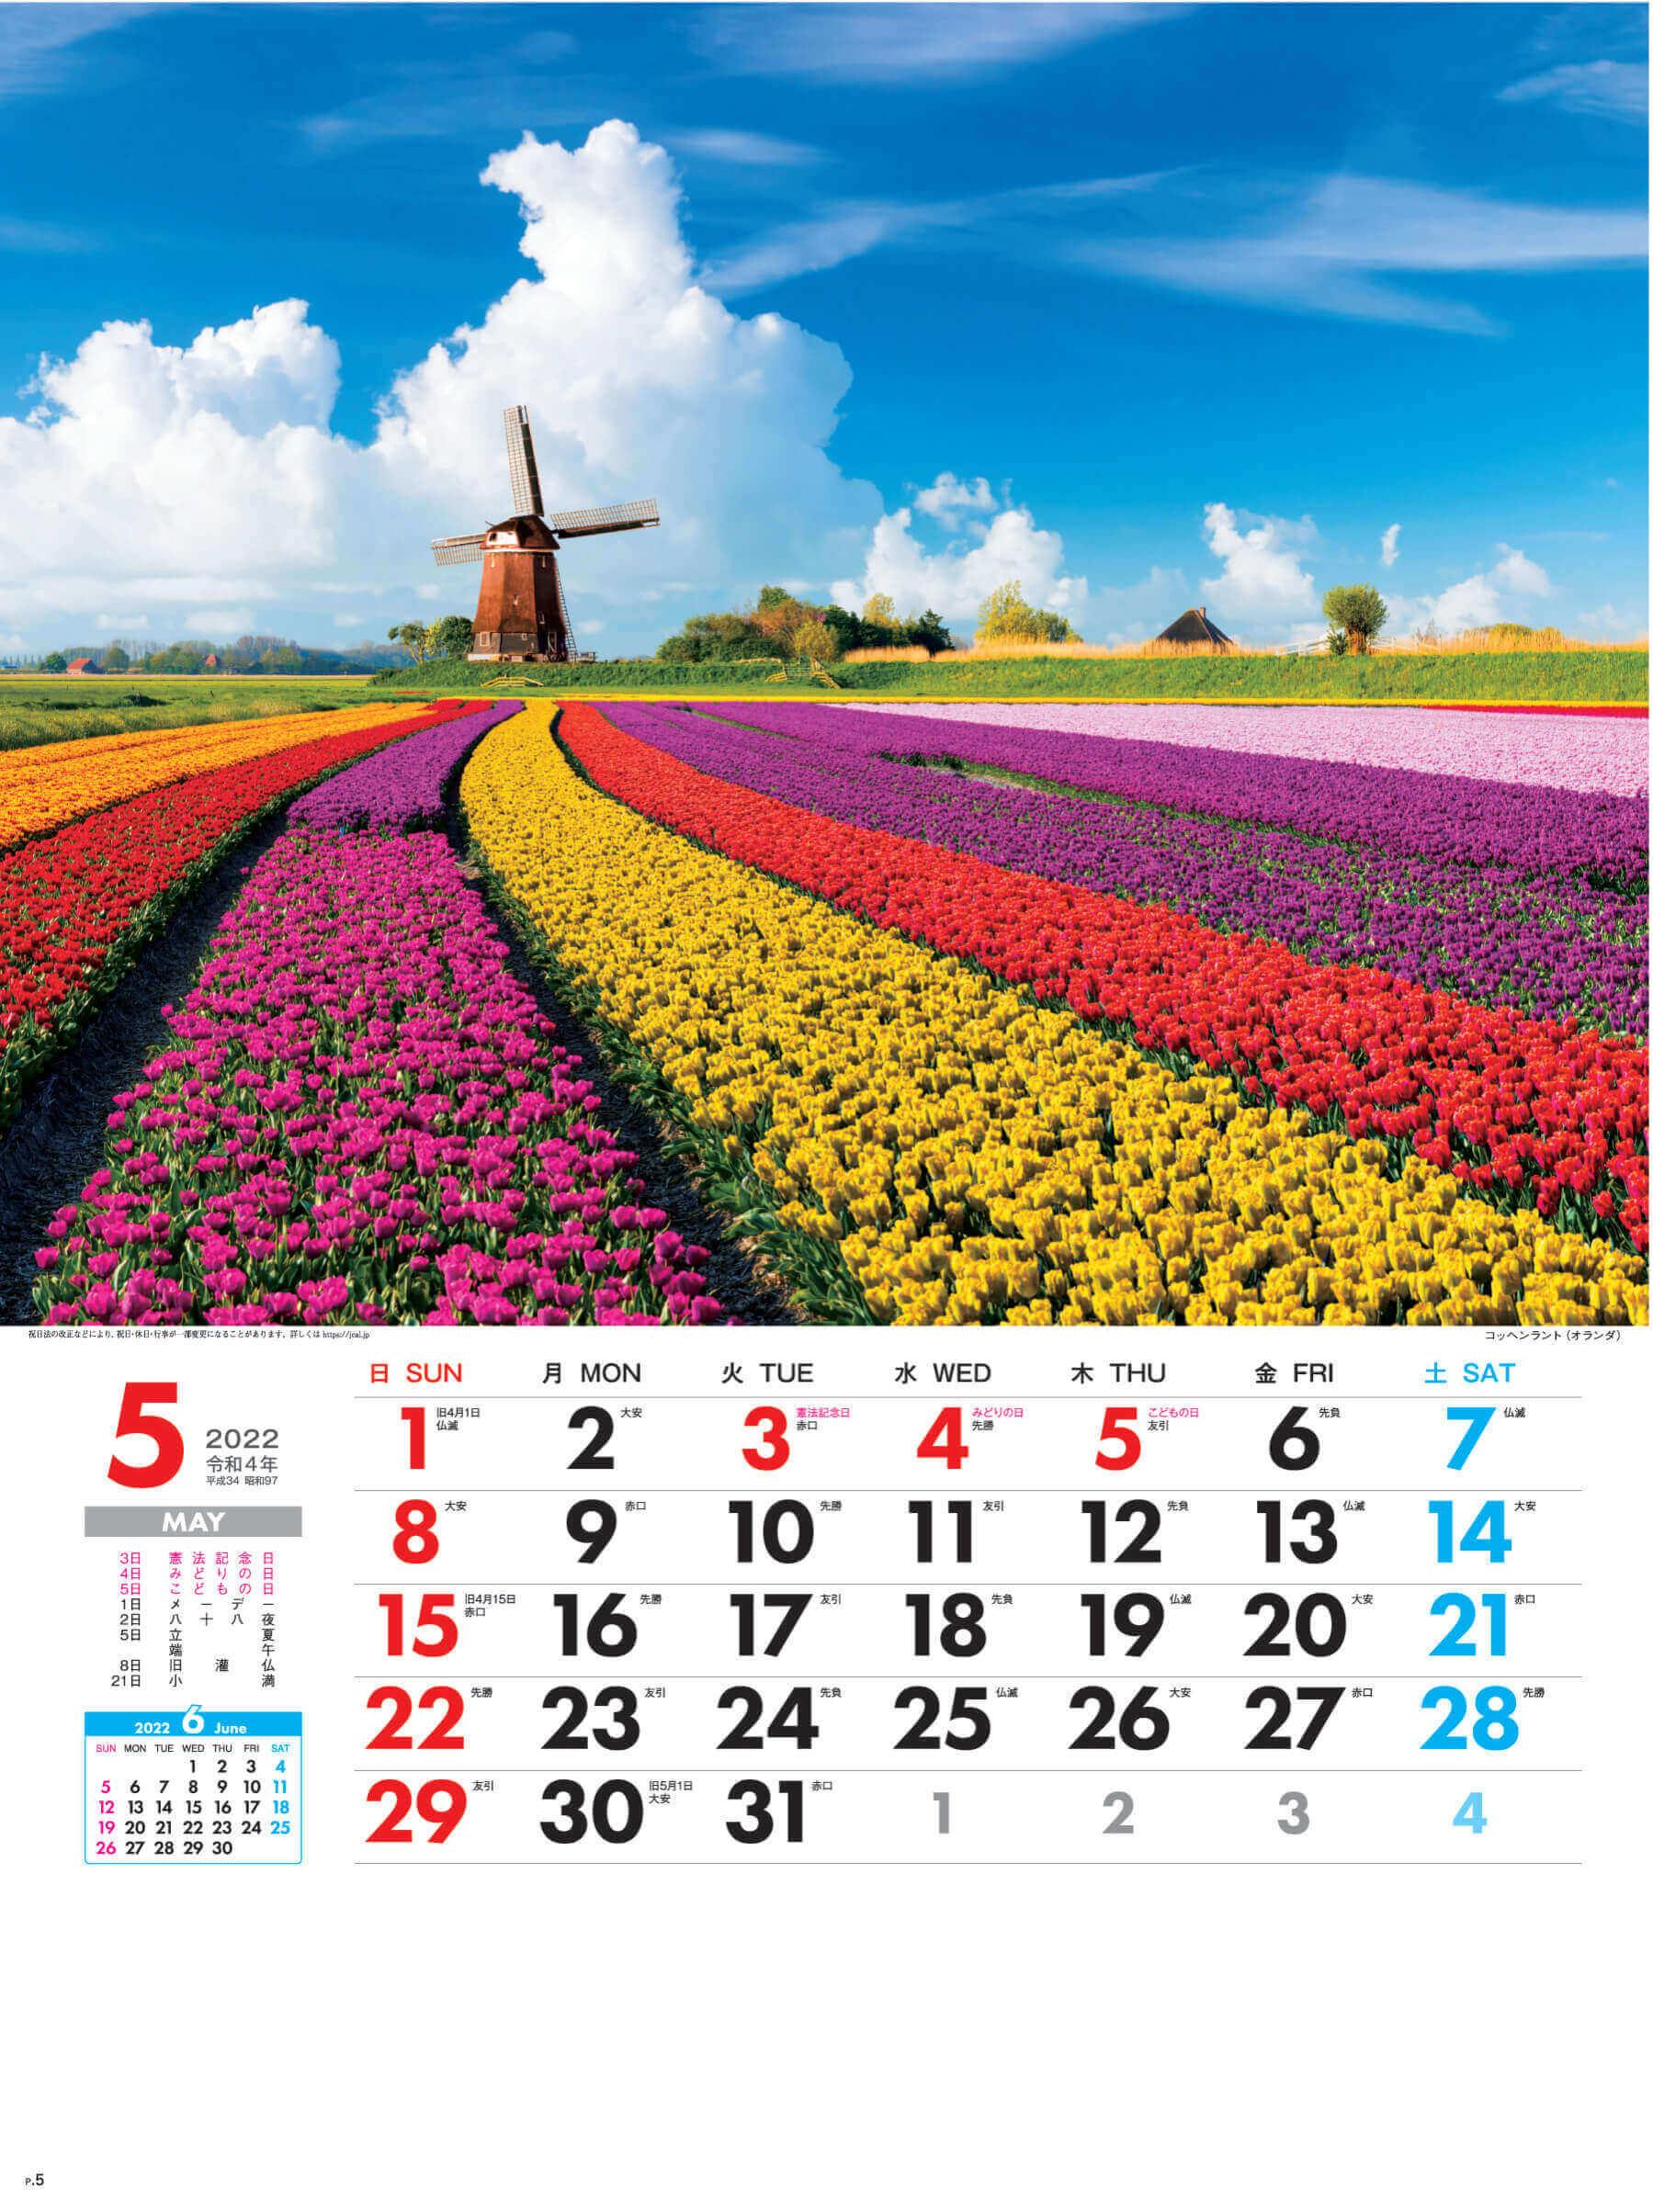 5月 コッヘンランド オランダ 外国風景 2022年カレンダーの画像